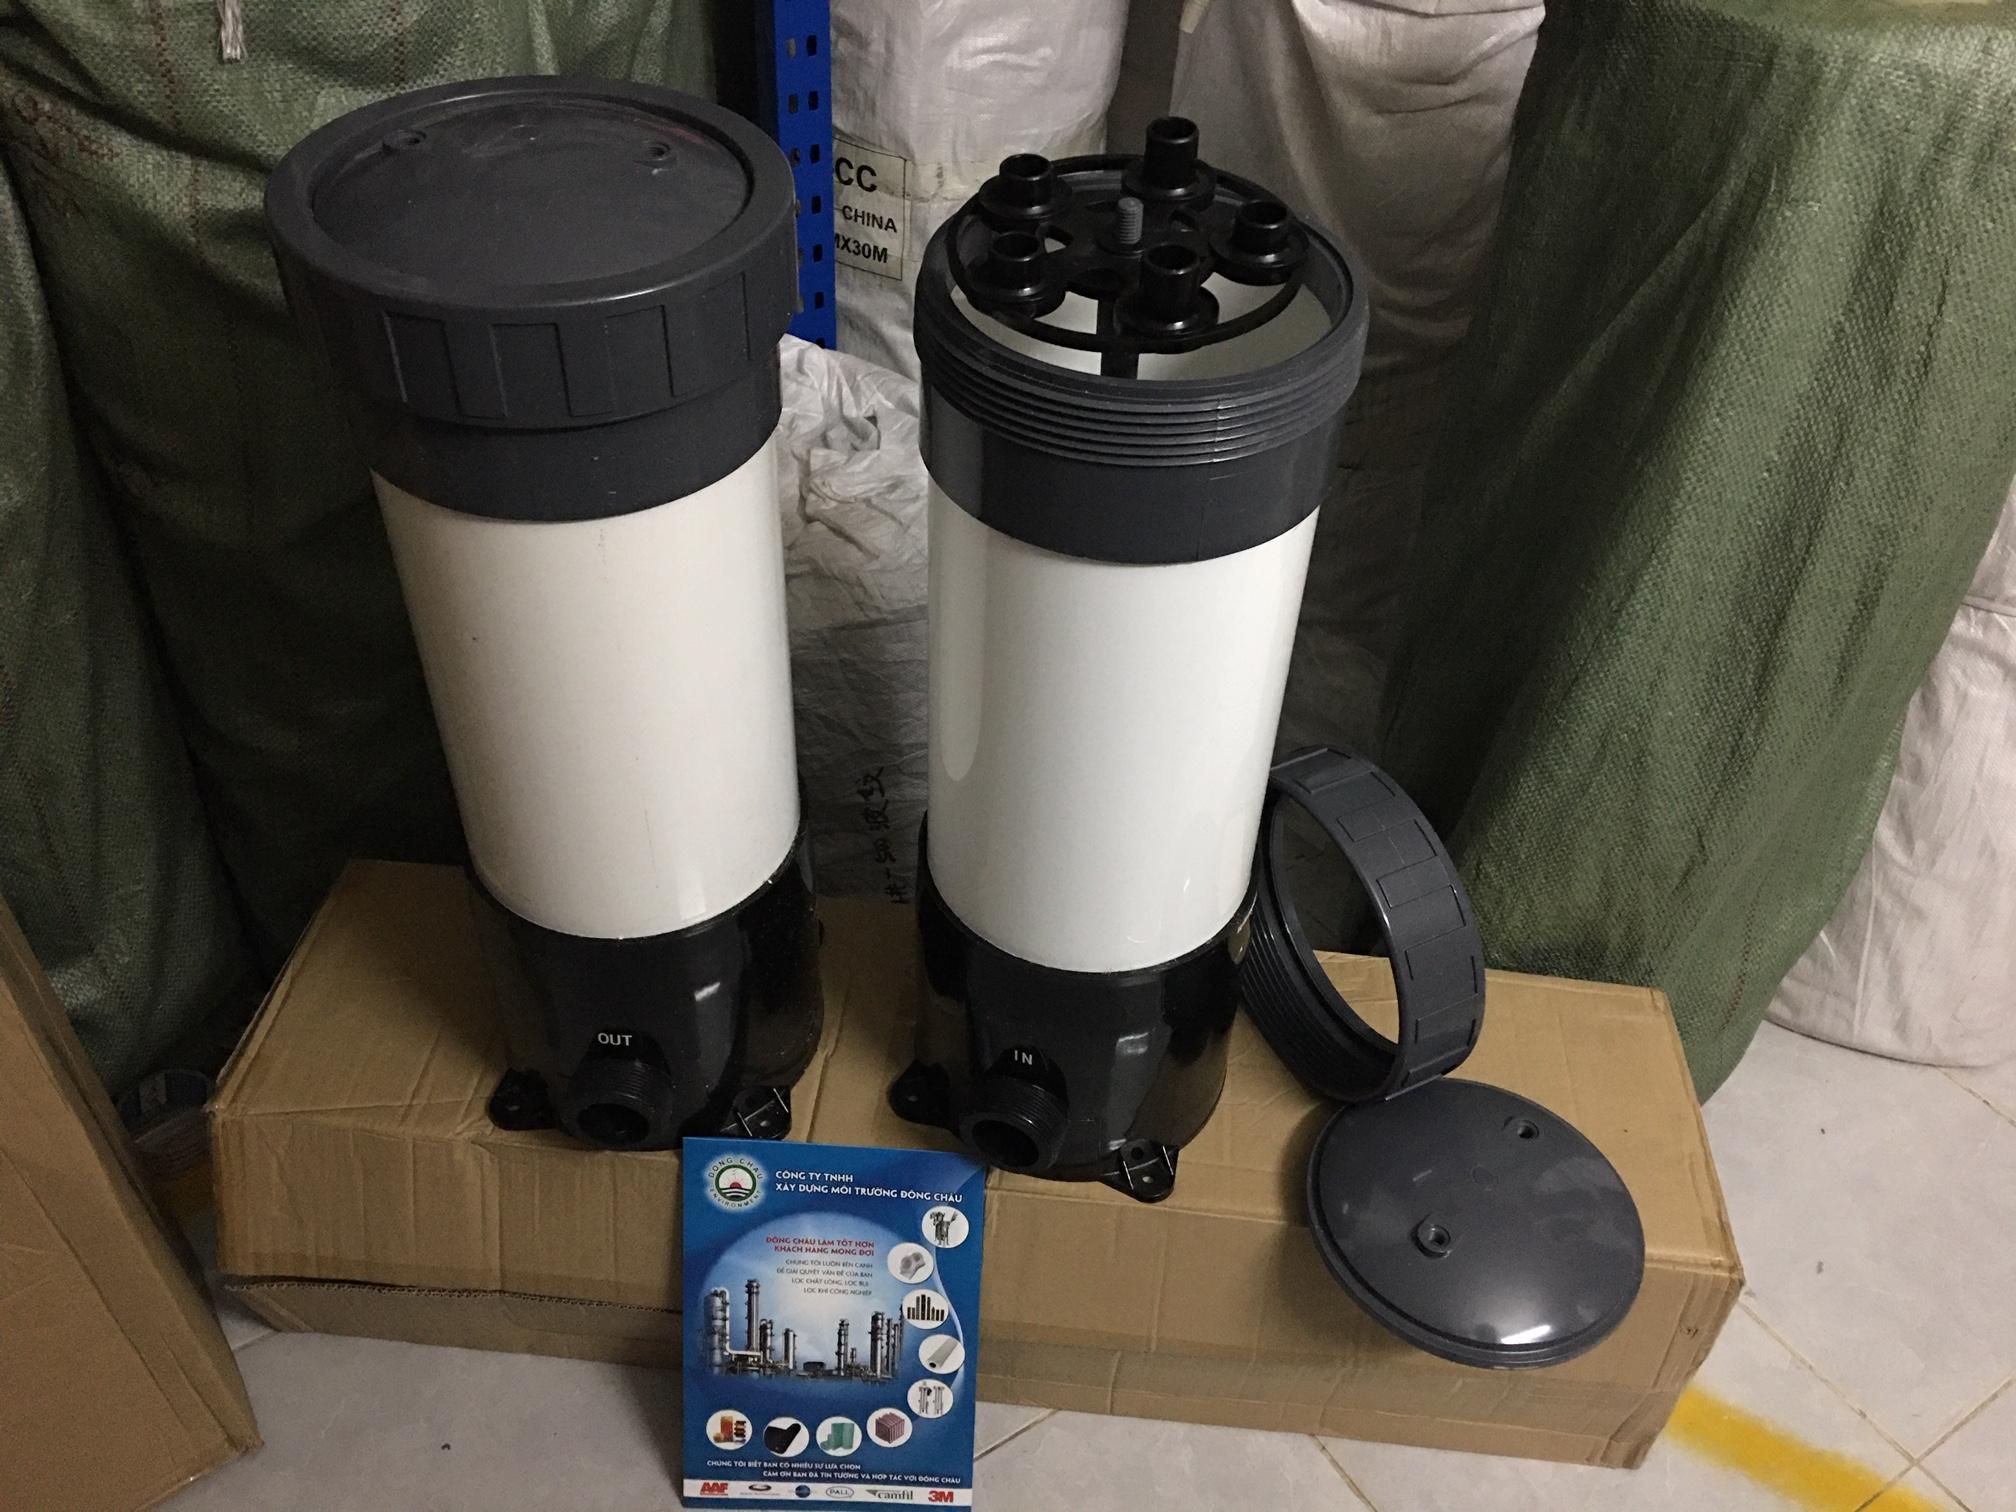 Bình nhựa uPVC 5 lõi 20 inch lọc nước mặn lọc nước biển